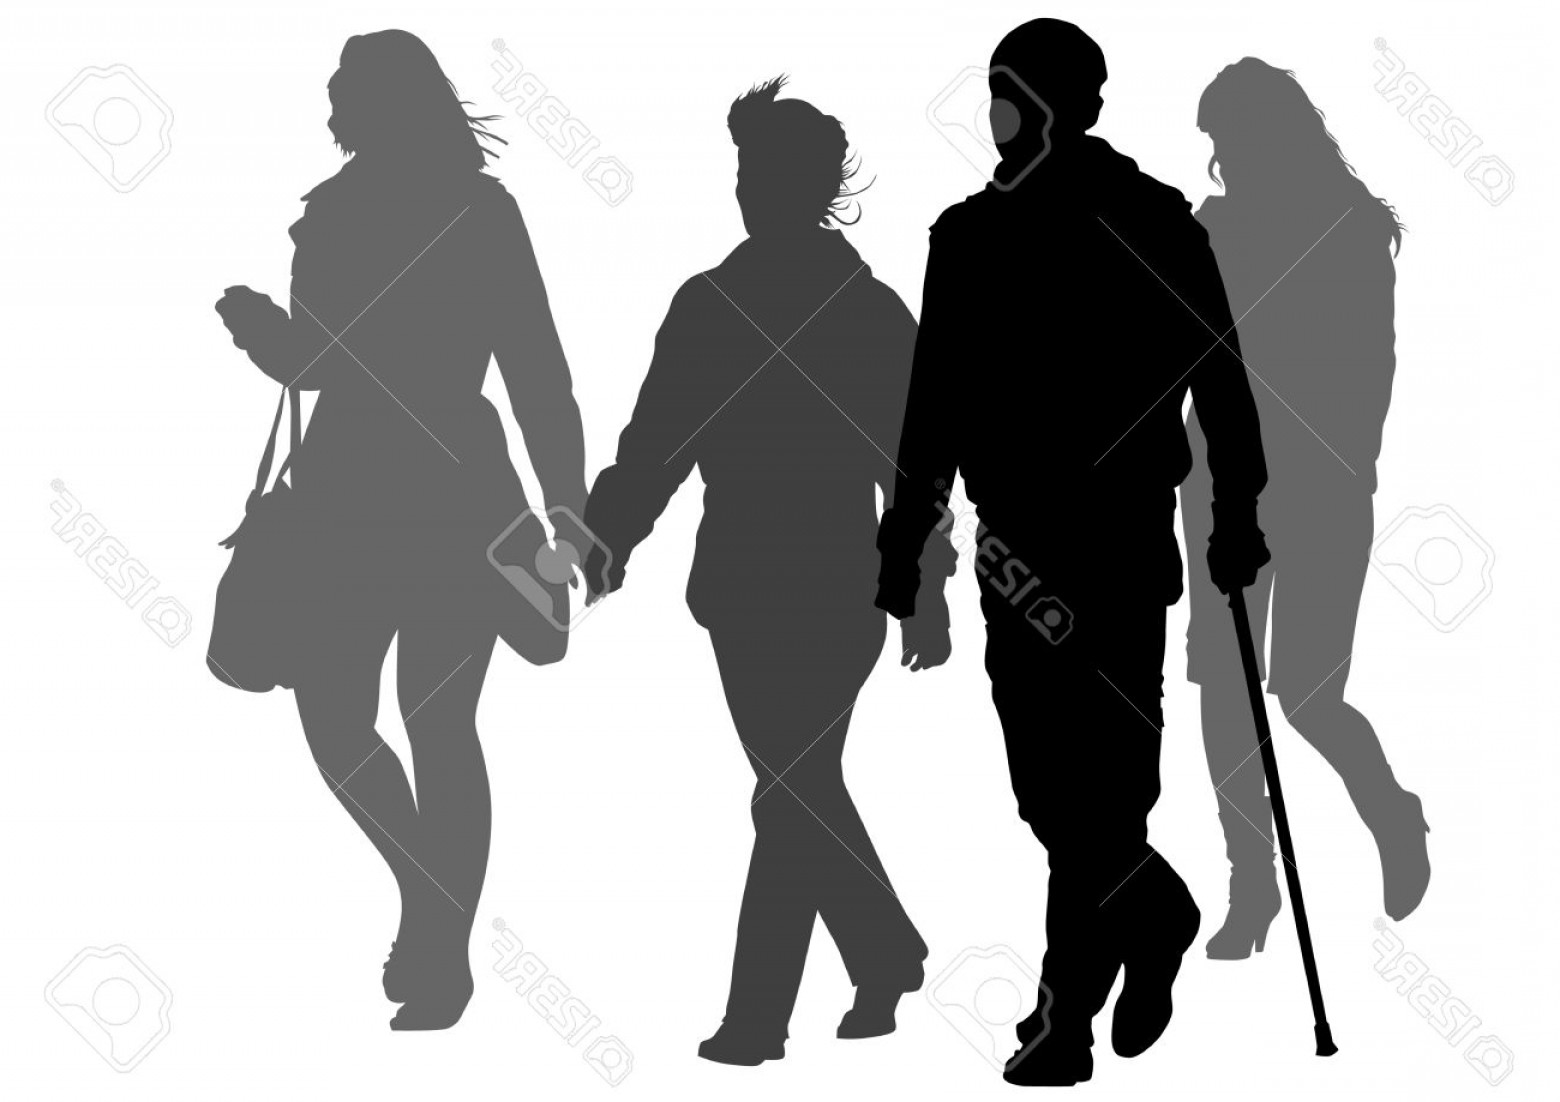 1560x1102 Person Walking Vector Graphics Lazttweet